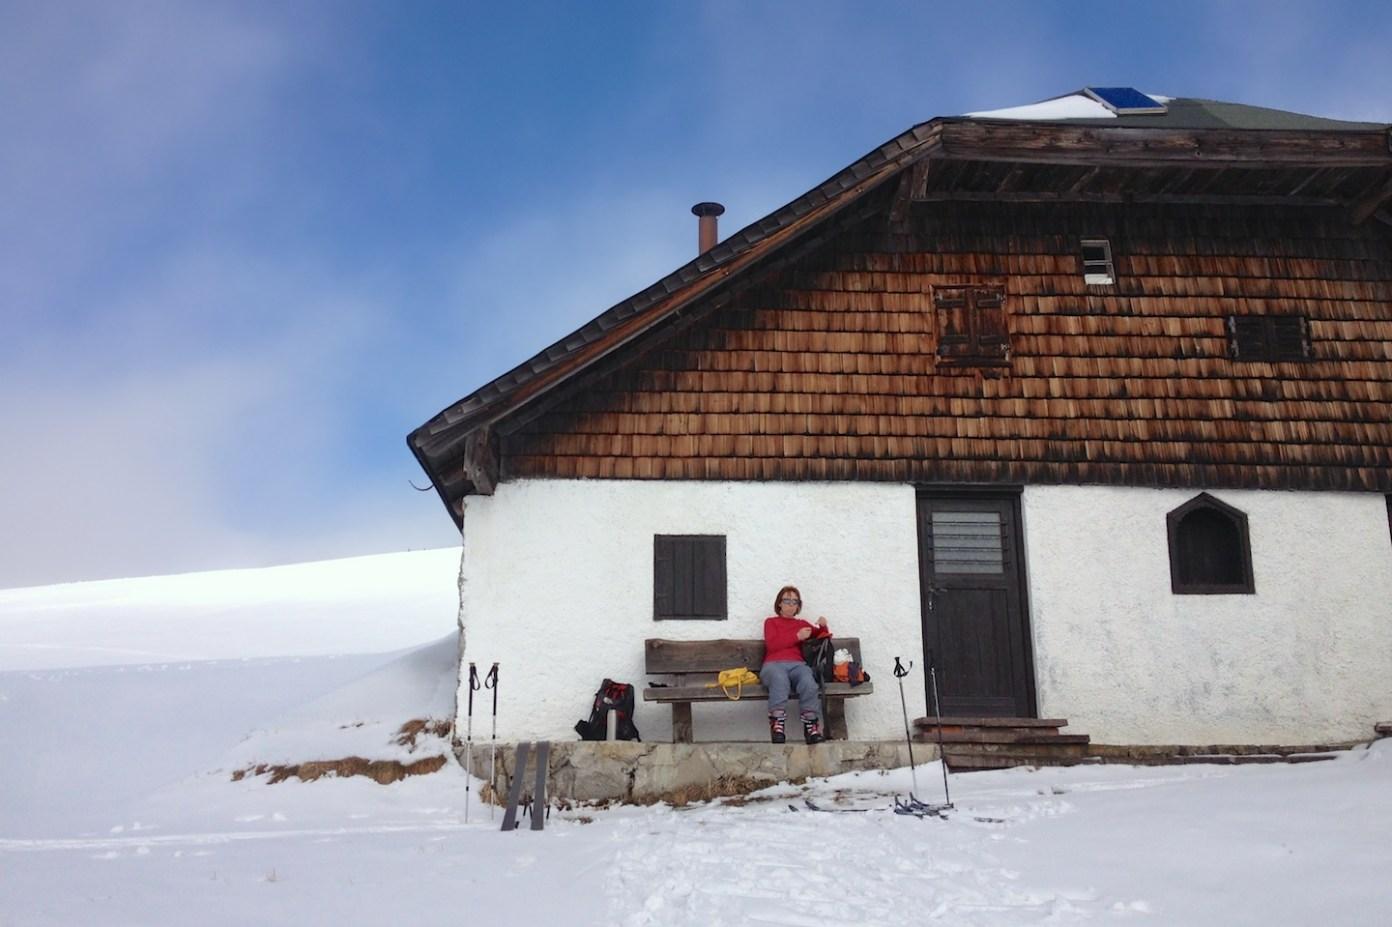 Čekání na autobus u Enzianhütte. Snědli jsme všechny zásoby a nepřijel. Tak šup do lyží a šusem k autu. Skol!